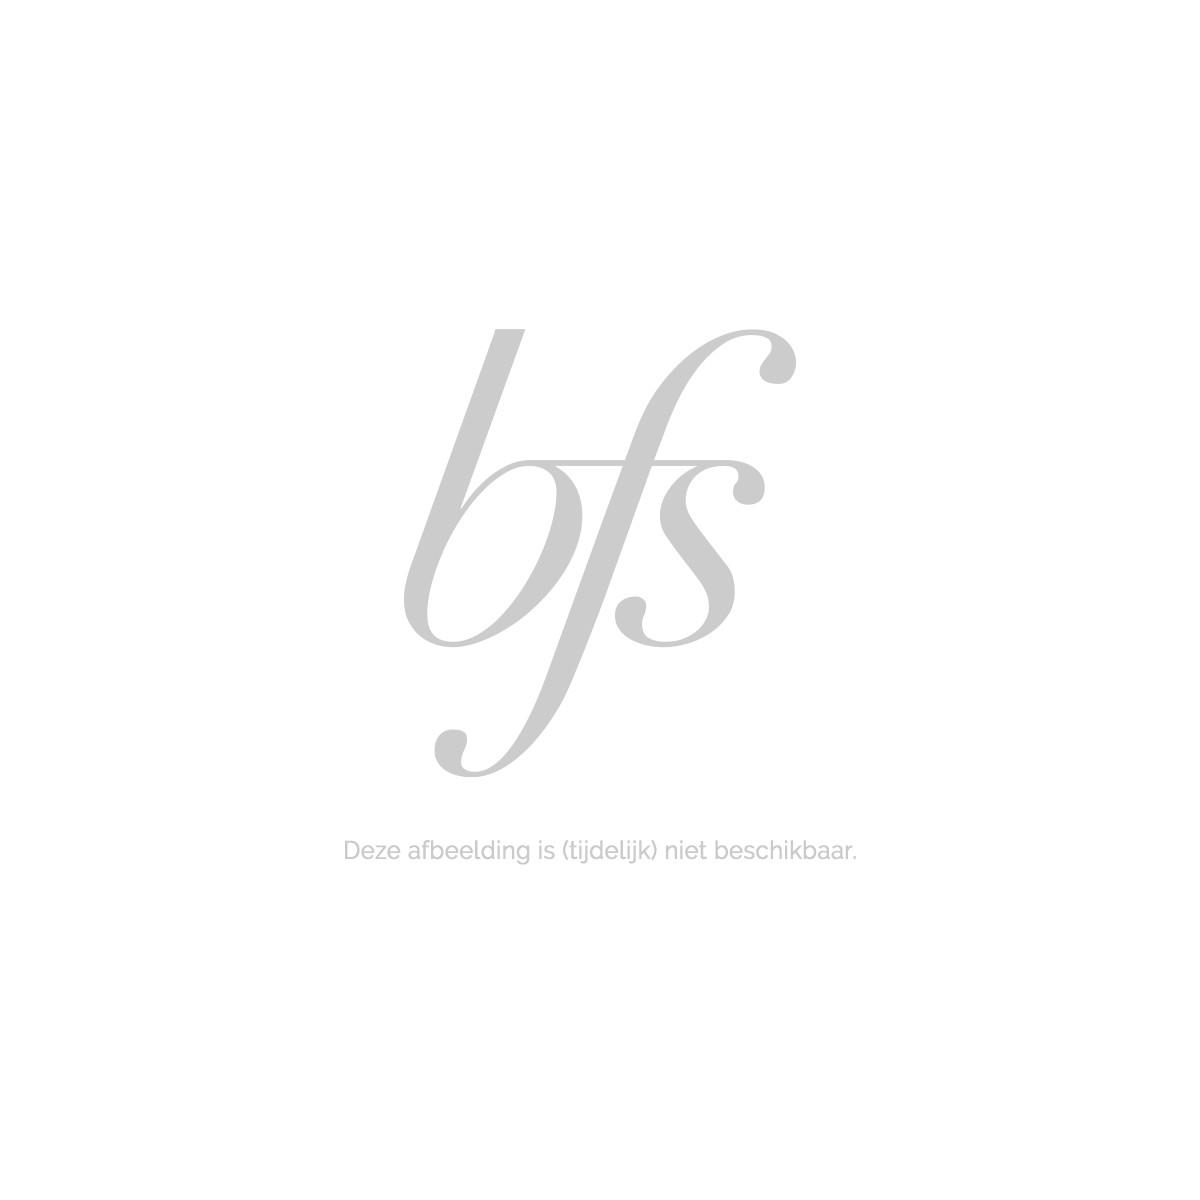 Bourjois Levres Contour Edition New Bordeaux Line